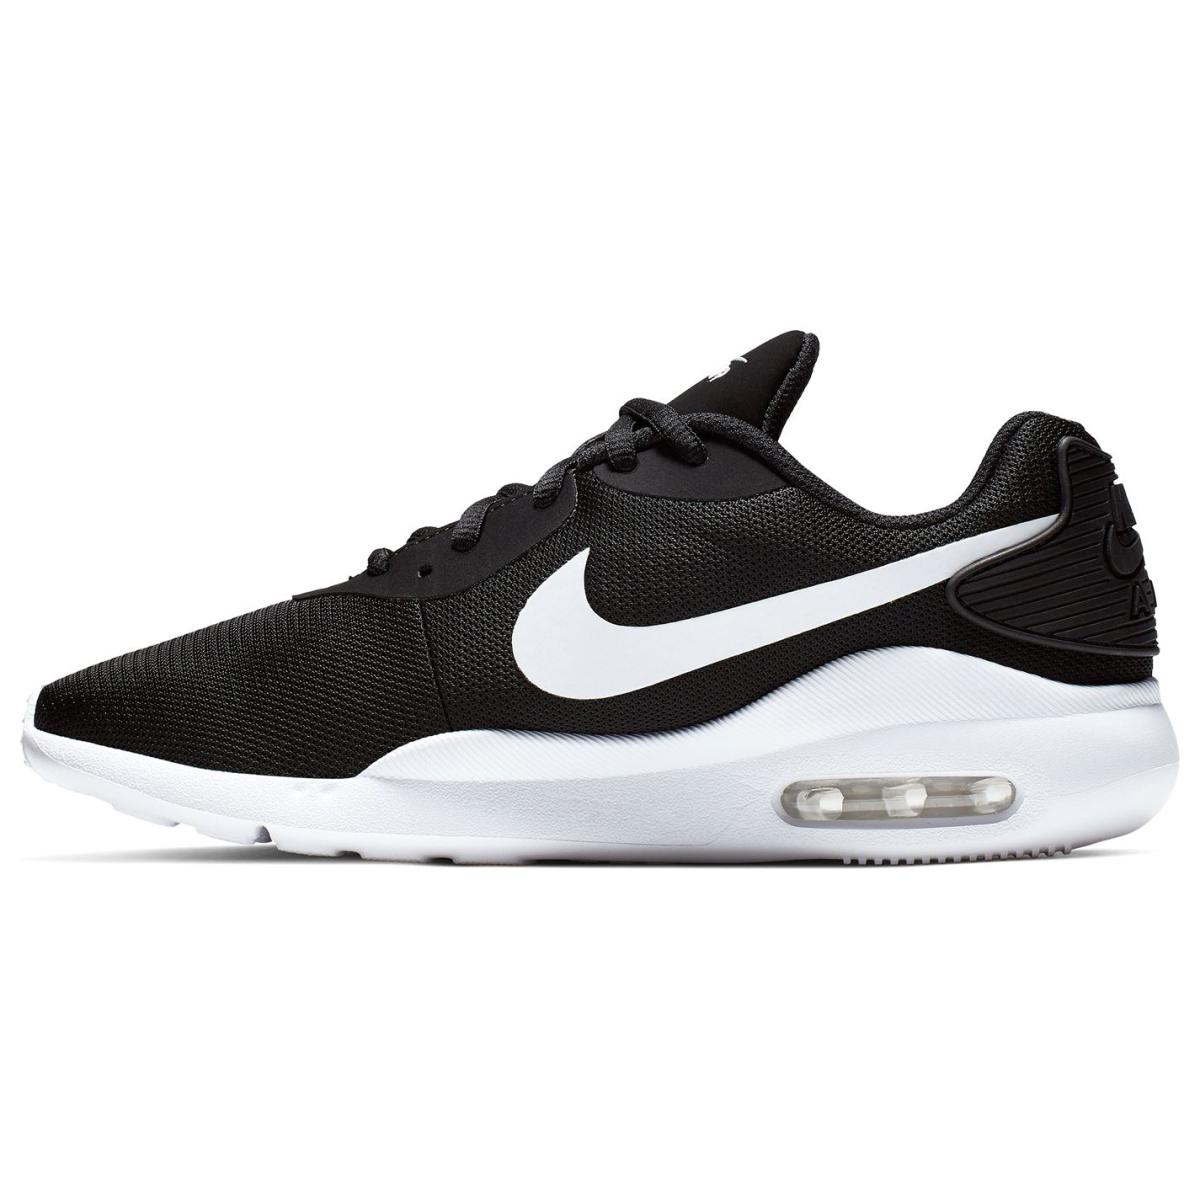 Nike-Air-Max-Oketo-Turnschuhe-Laufschuhe-Damen-Sportschuhe-Sneaker-4034 Indexbild 4